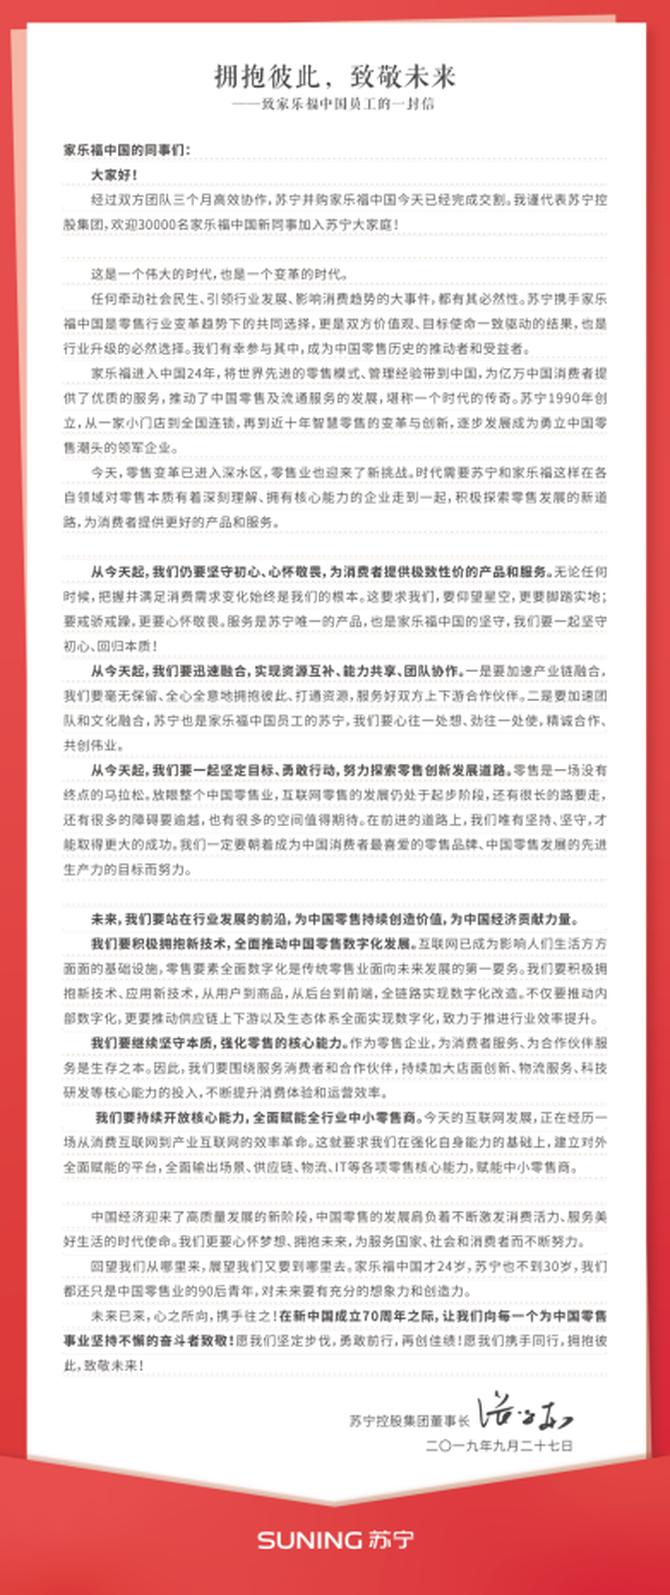 刚刚,苏宁发布张近东致家乐福中国员工信